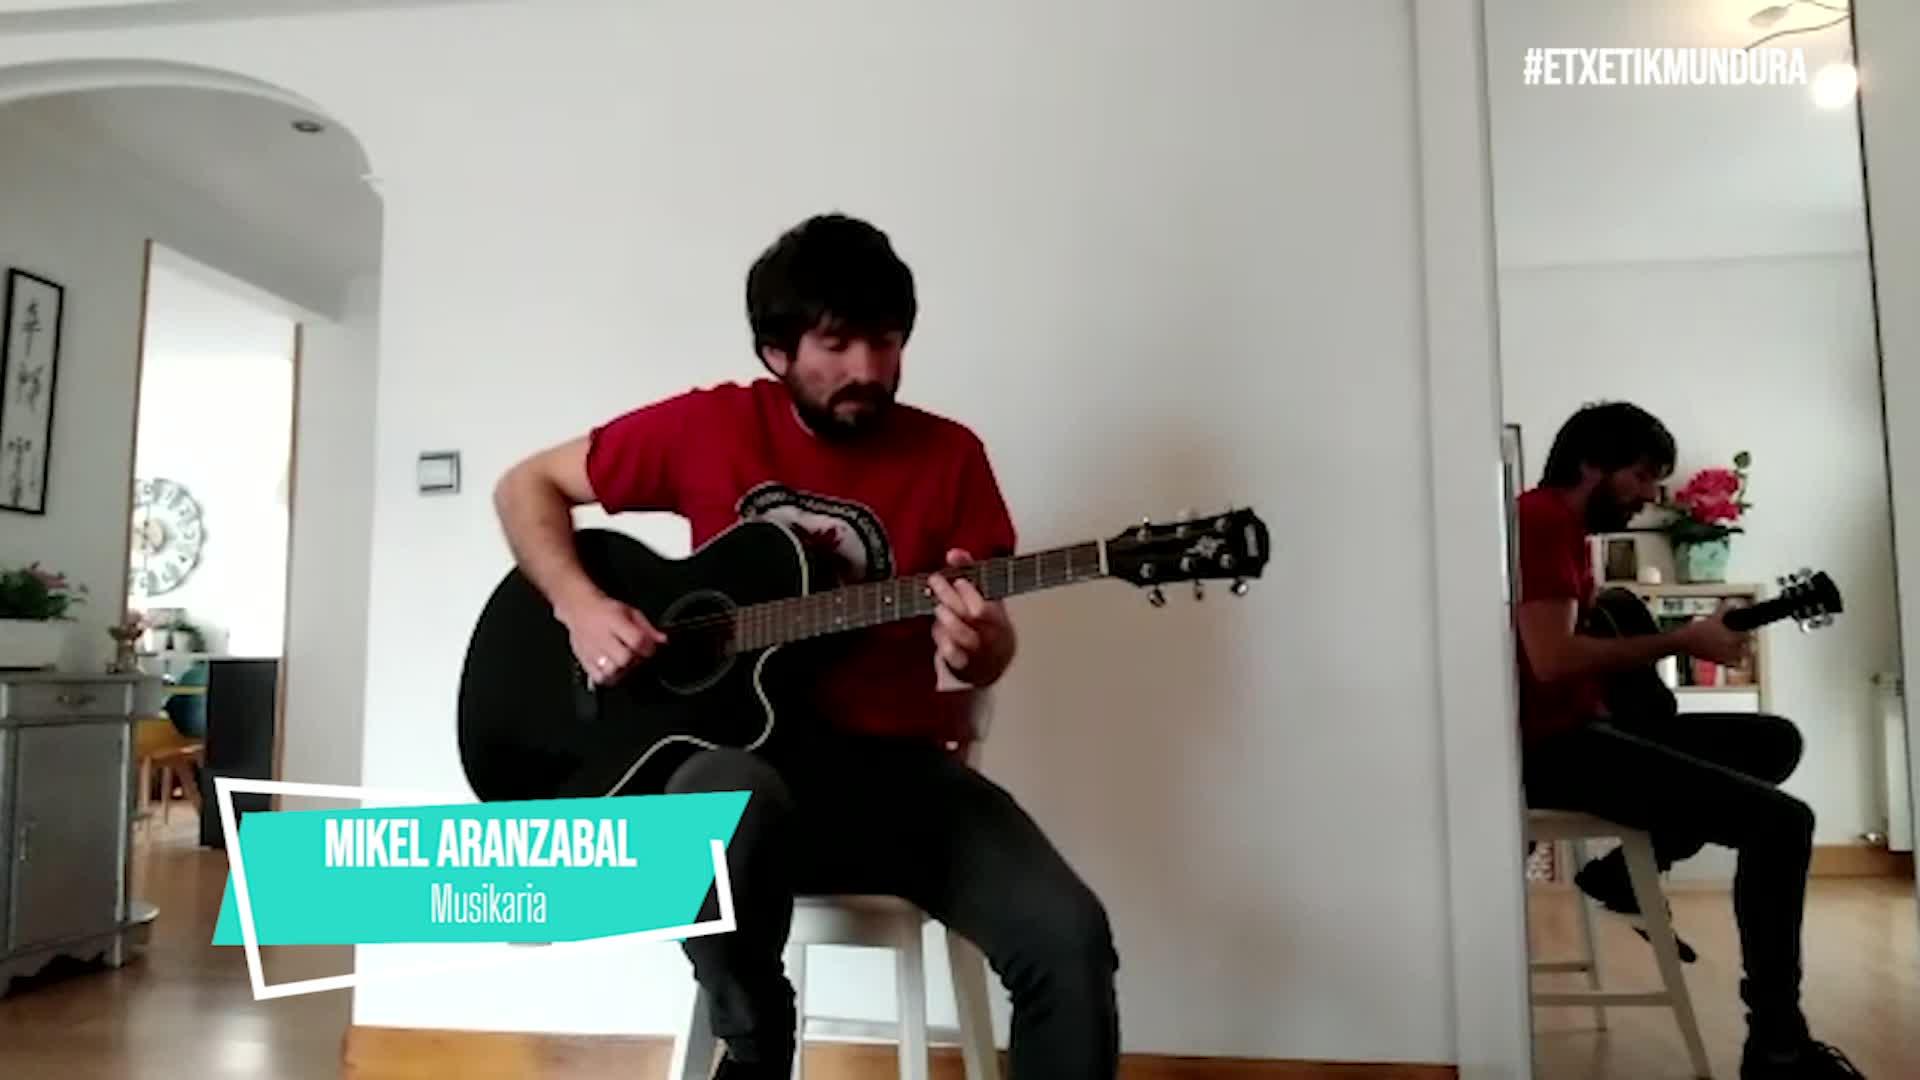 Mikel Aranzabal, etxetik mundura